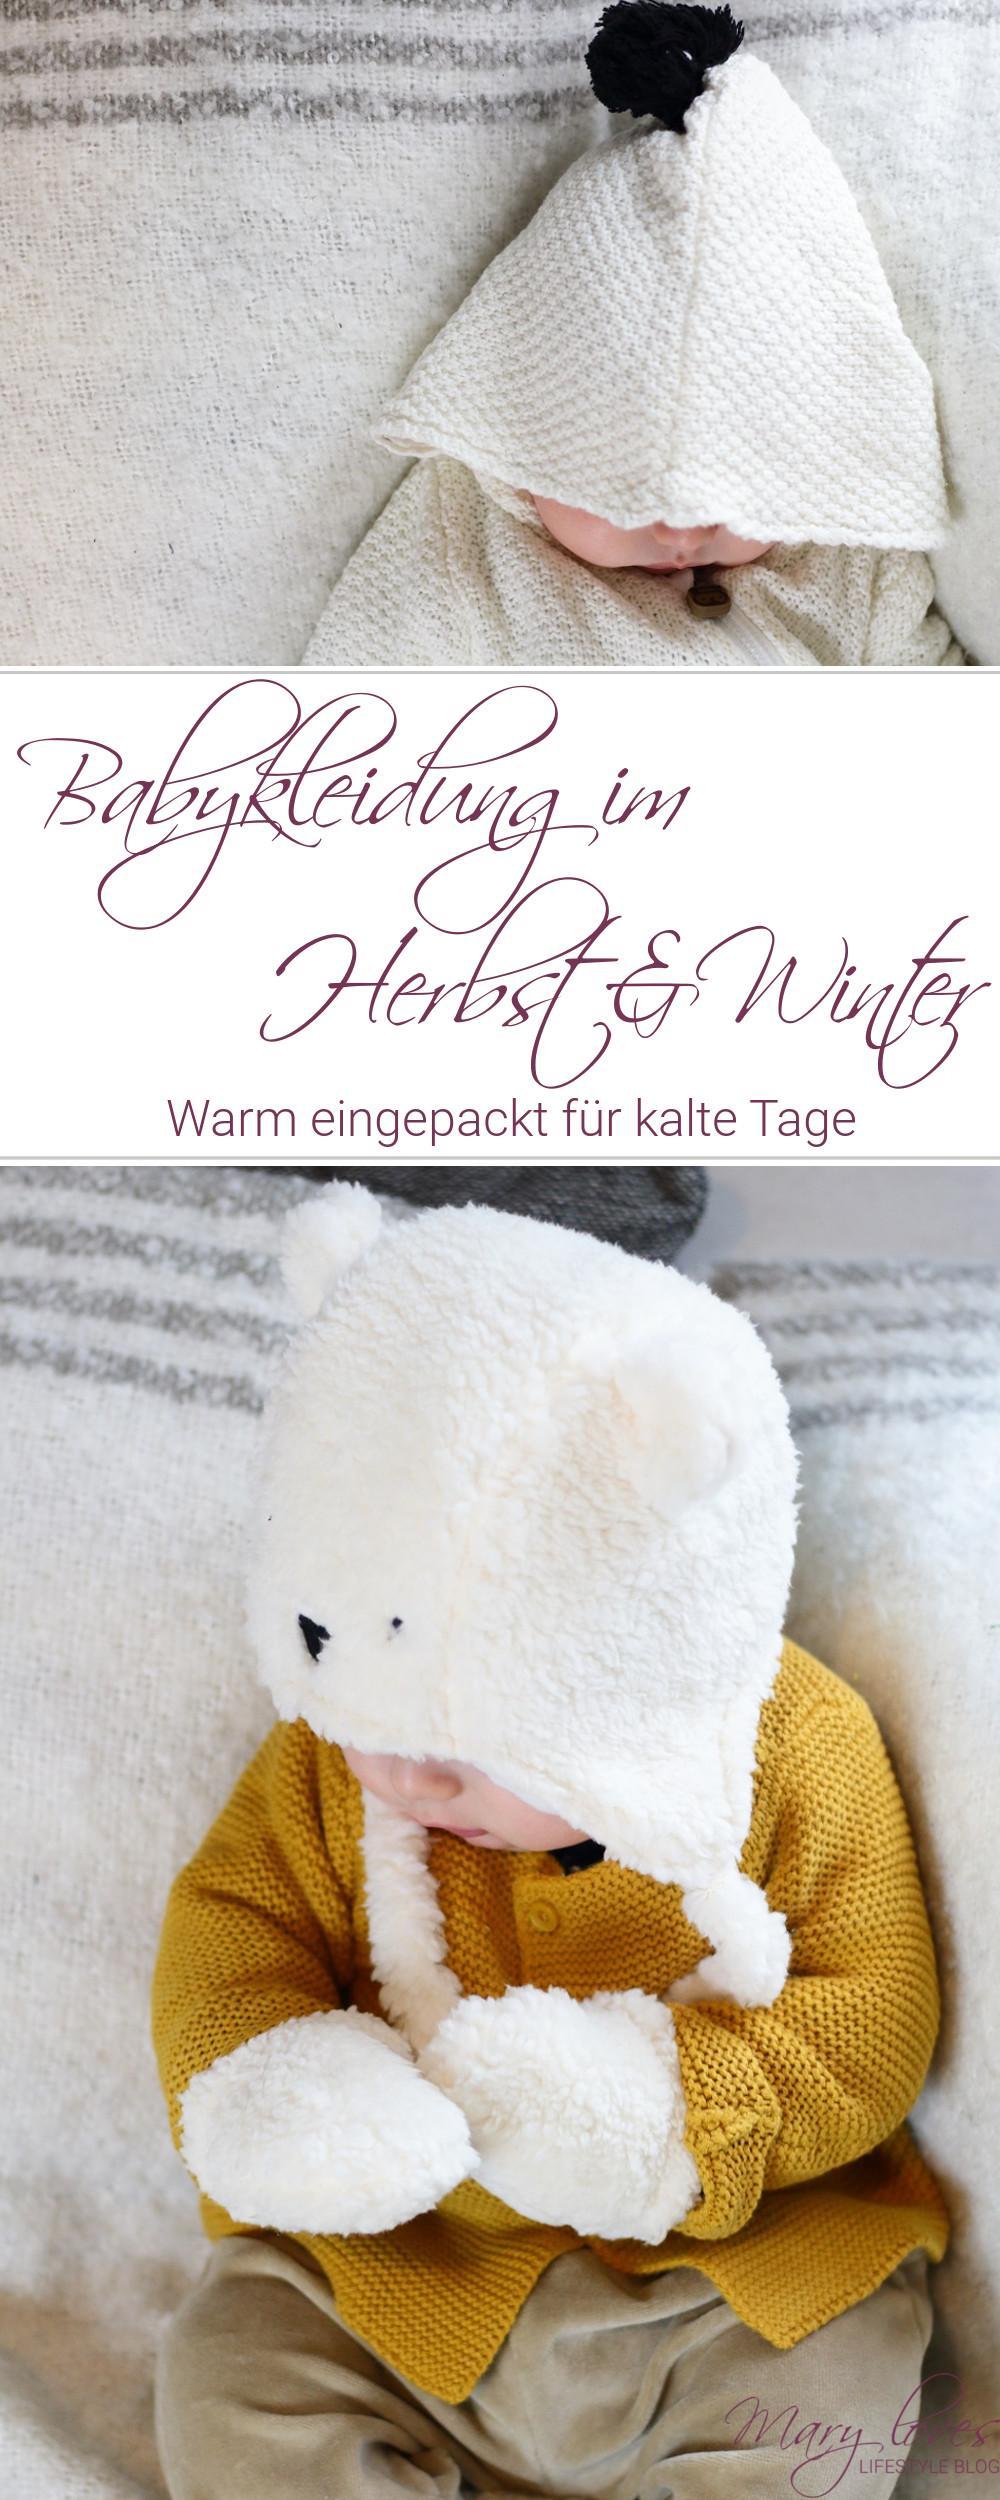 [Anzeige] Warm eingepackt - Die richtige Babykleidung für kalte Tage - #baby #babykleidung #winterkleidung #vertbaudet #babywinterkleidung #babyherbstkleidung #warmeingepackt